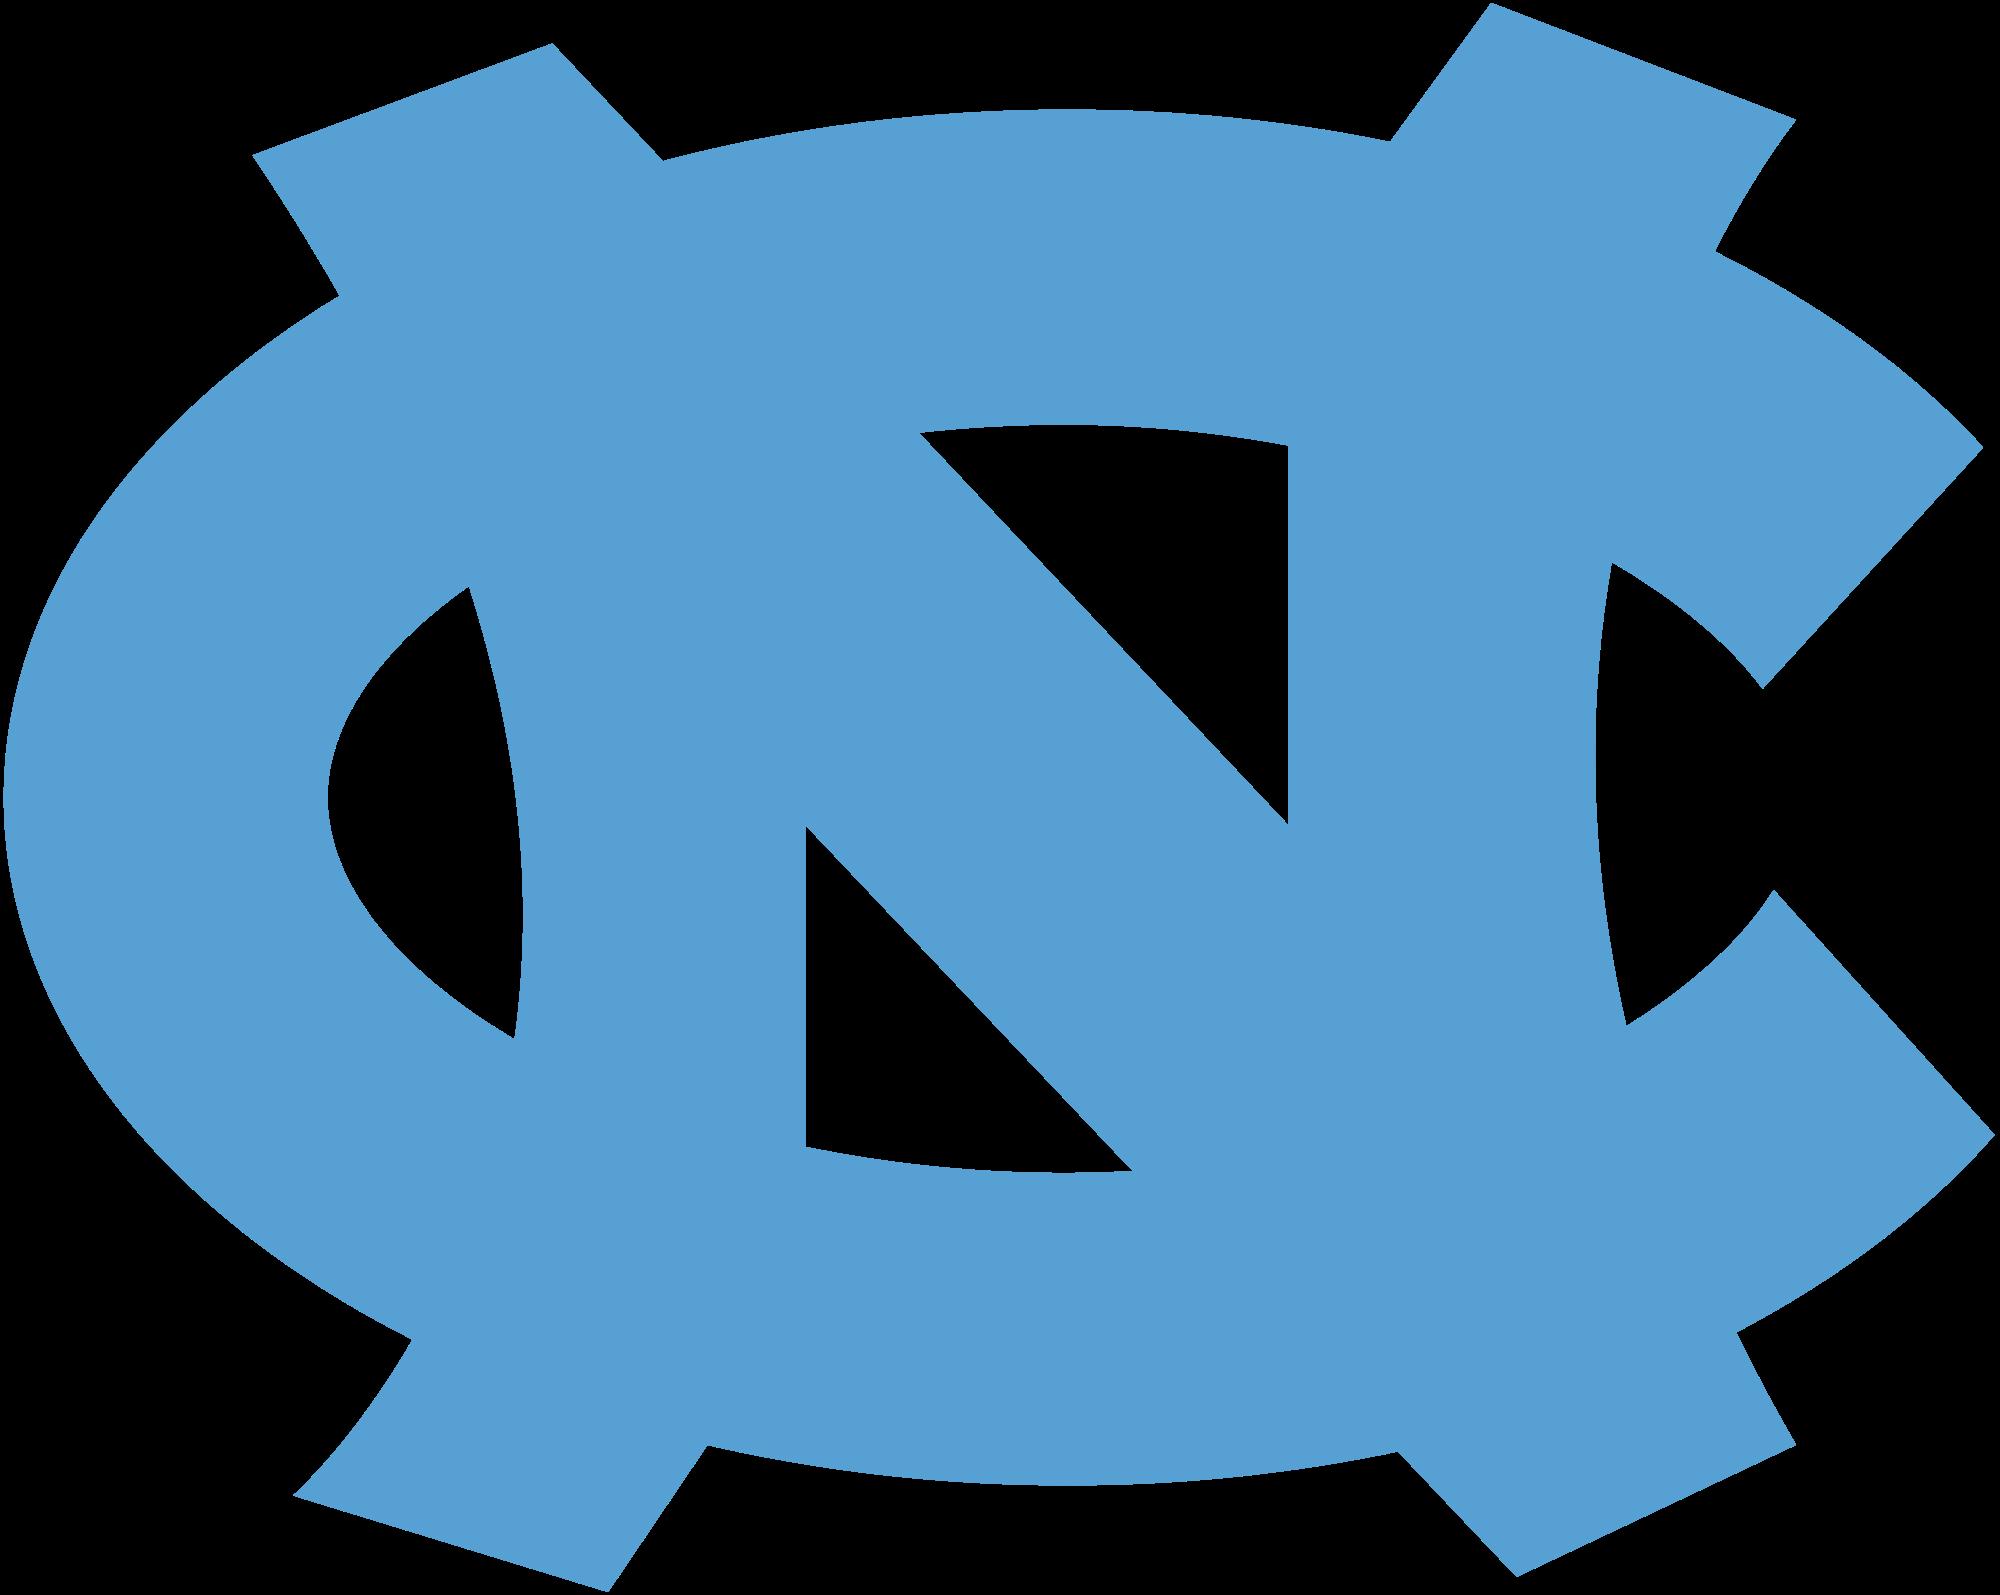 Unc basketball clipart vector freeuse UNC Logo - Google Search | cricut | Pinterest | Unc logo and Cricut vector freeuse